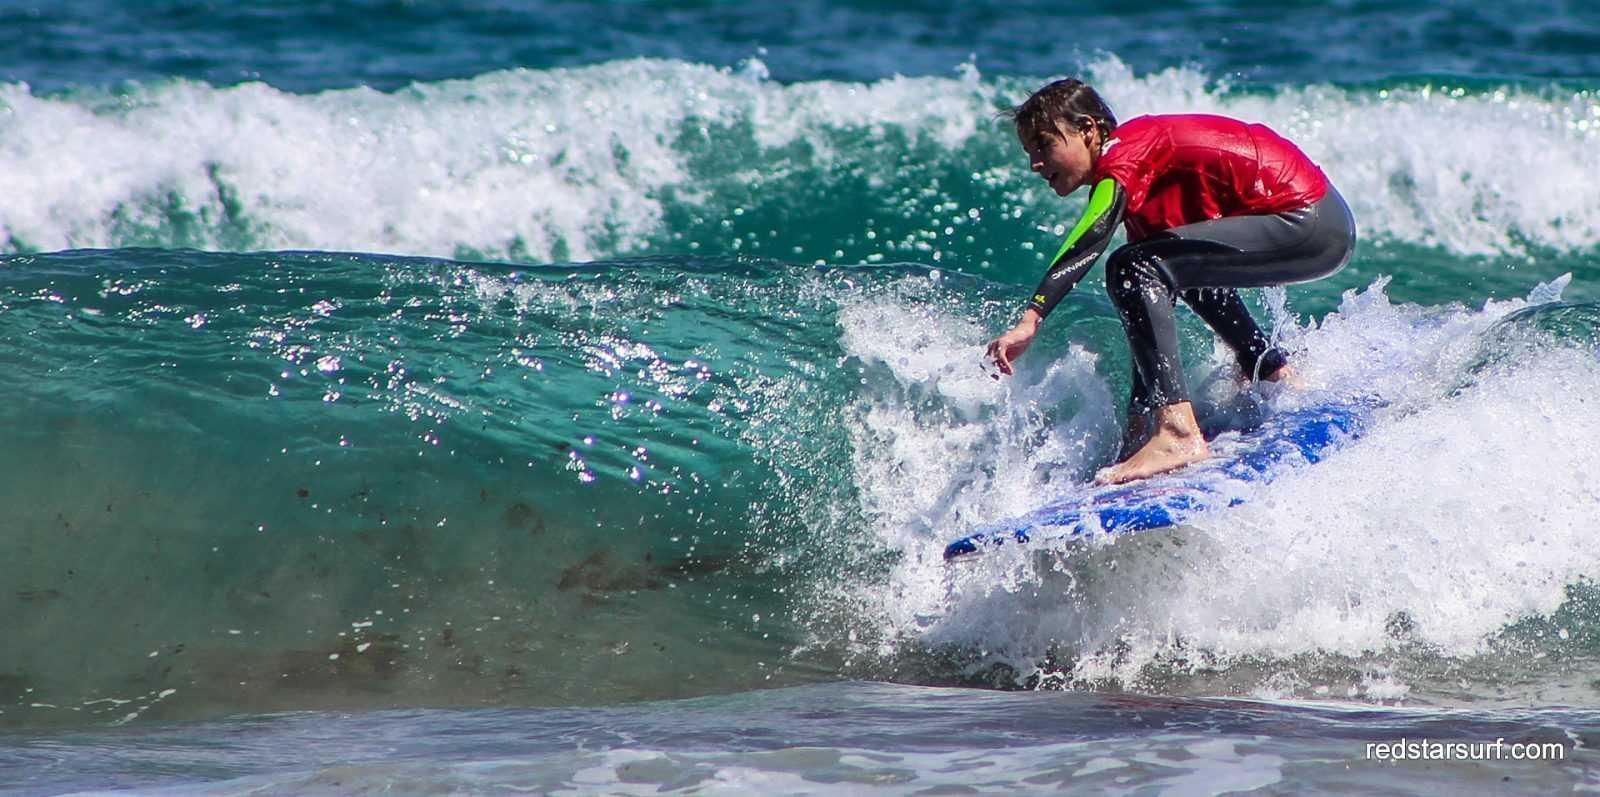 Progressez en surf grace aux cours de surf avancés sur le spot de Famara, Lanzarote